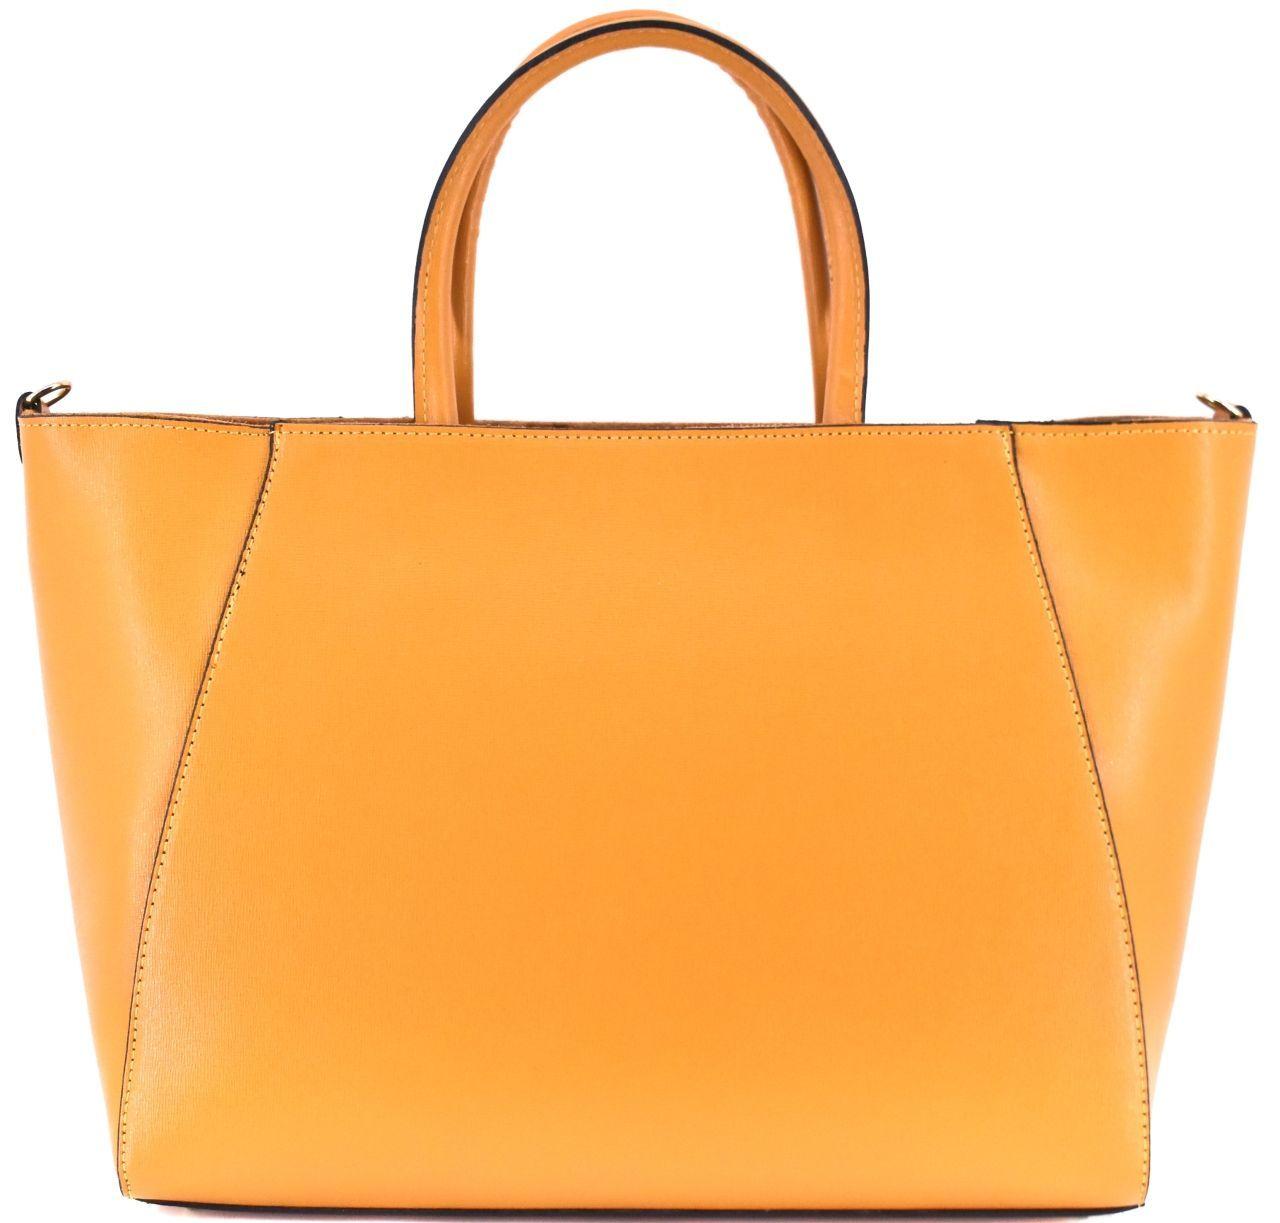 Moderní Shopper dámská kožená kabelka Arteddy - hořčicová 32454